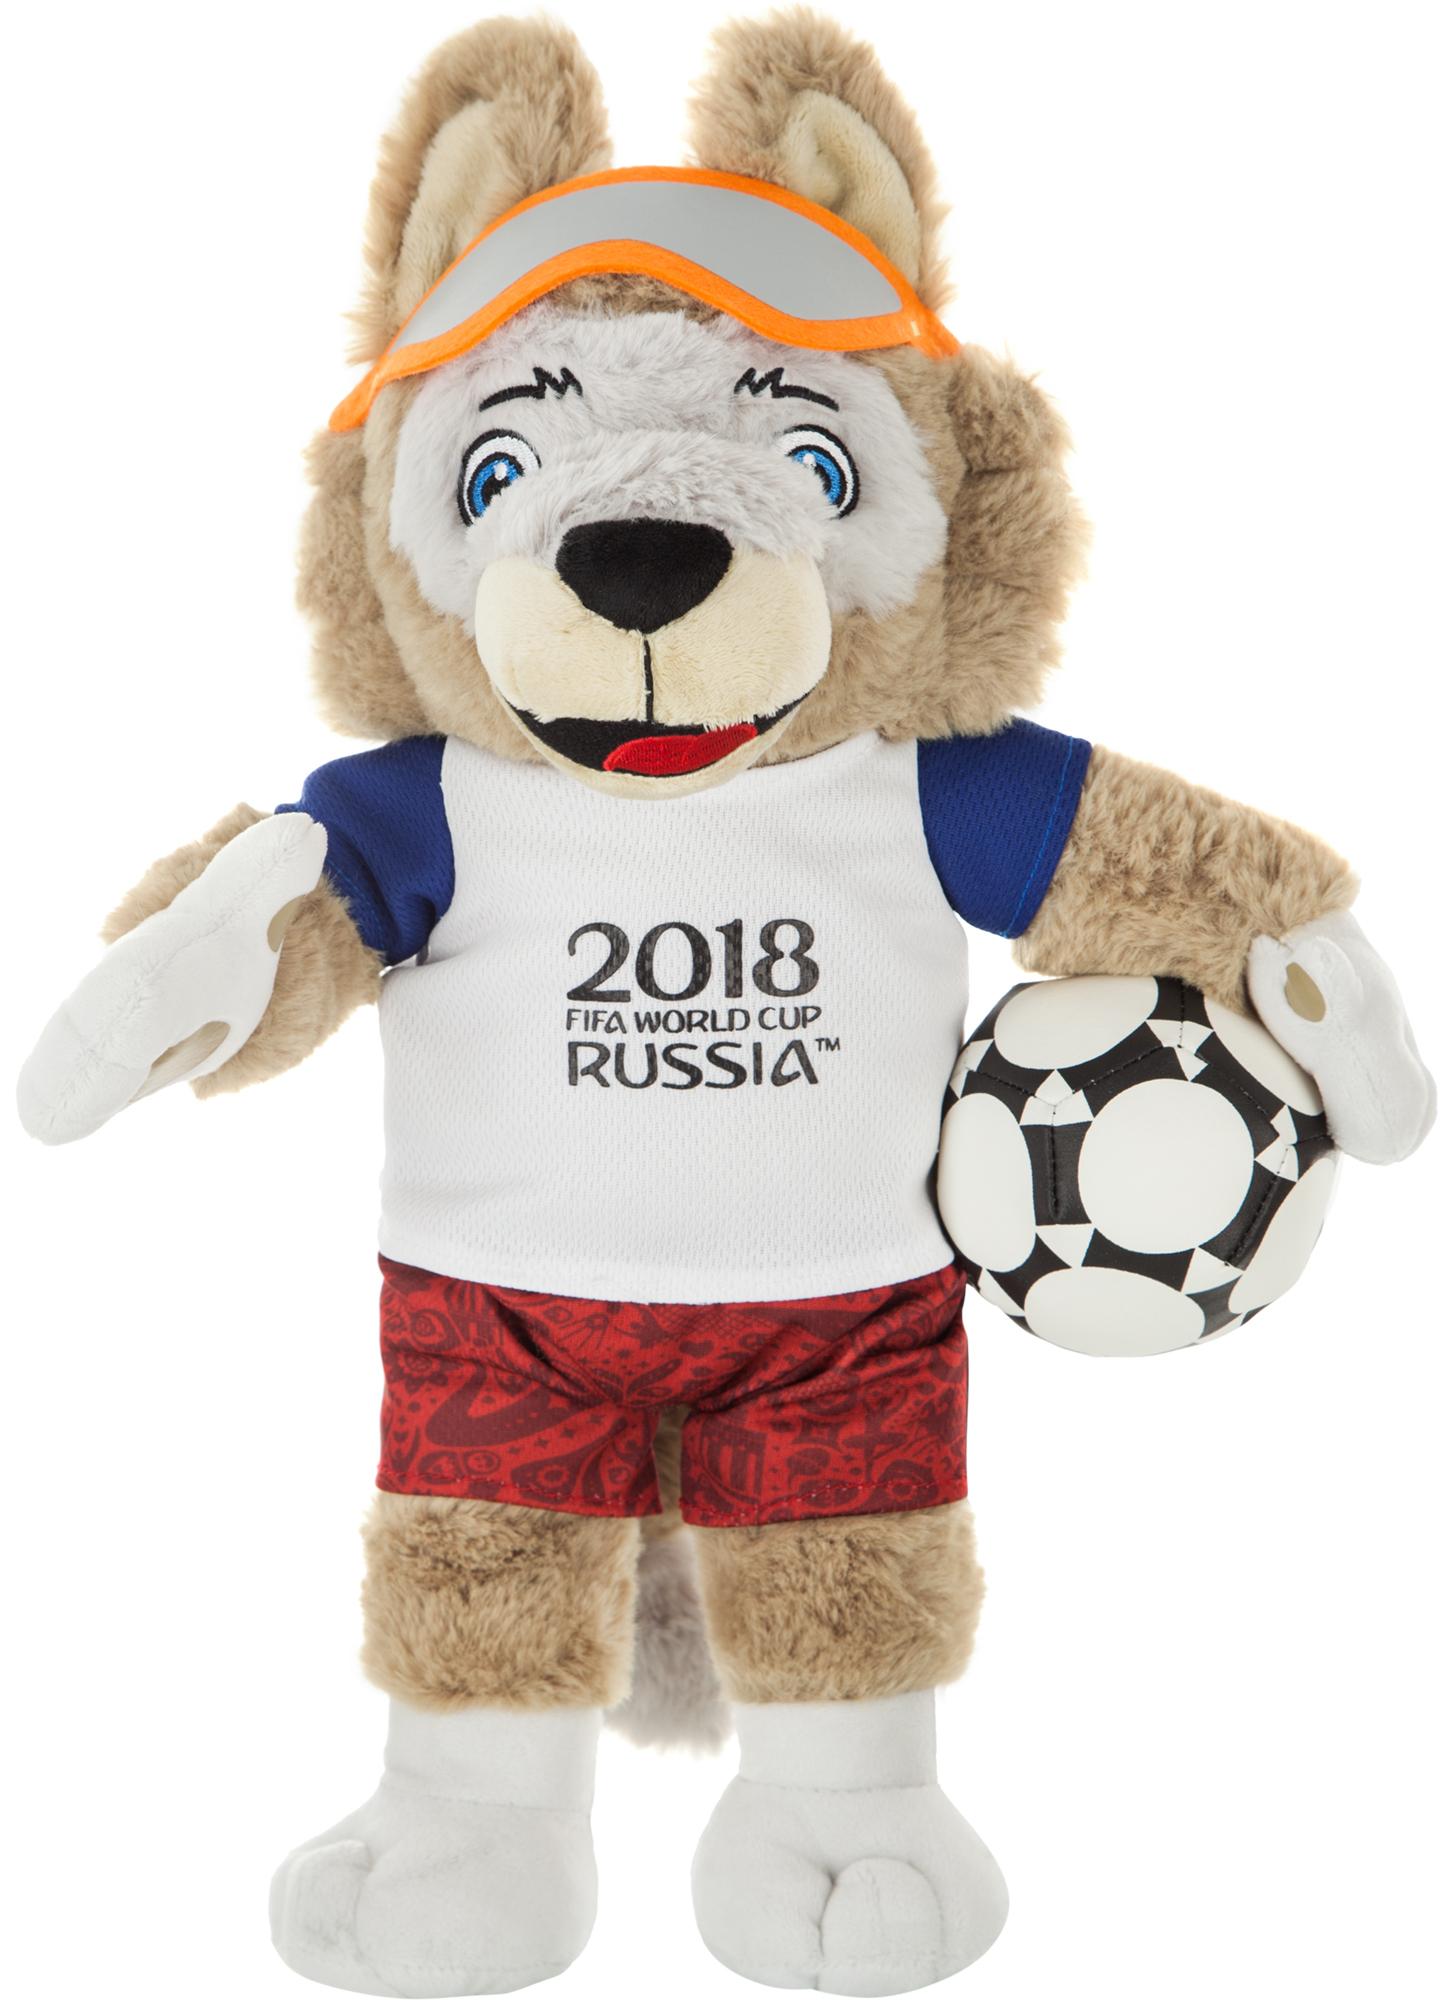 no brand Игрушка Волк Забивака 2018 FIFA World Cup Russia™, 28 см наклейки детские panini наклейки panini road to 2018 fifa world cup russia tm